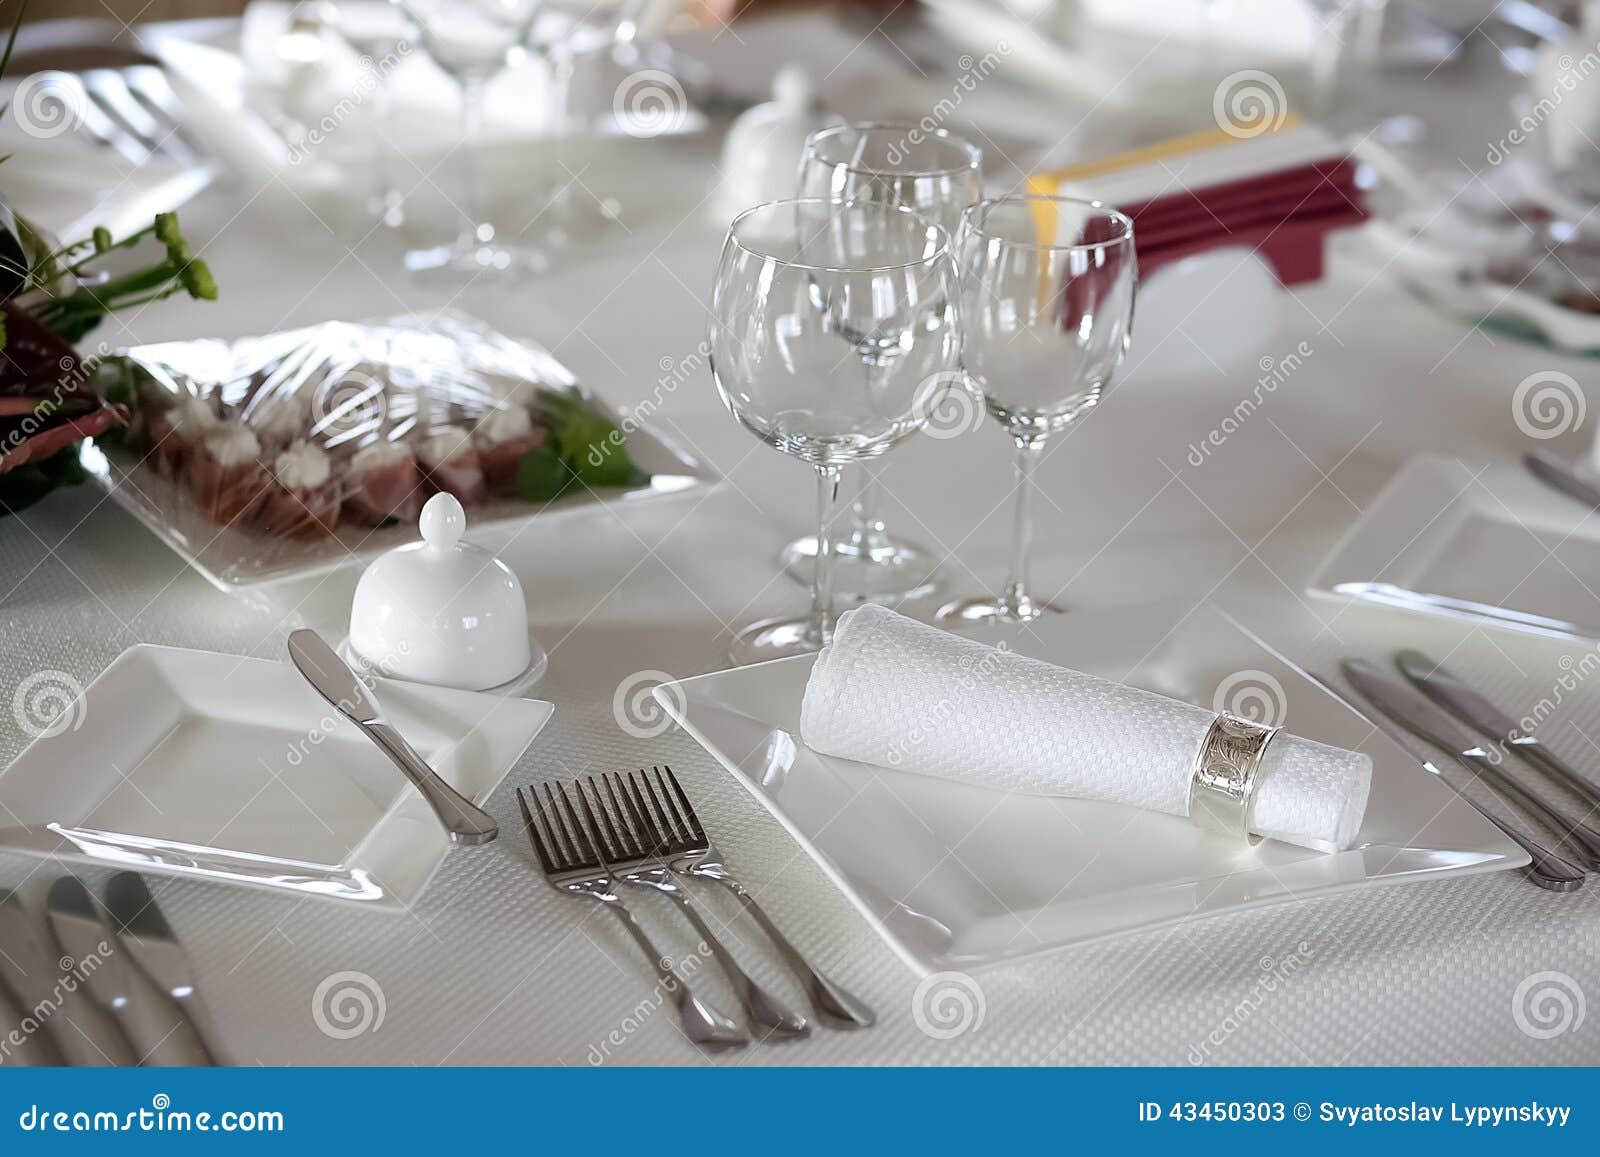 Arrangement de Tableau avant dîner